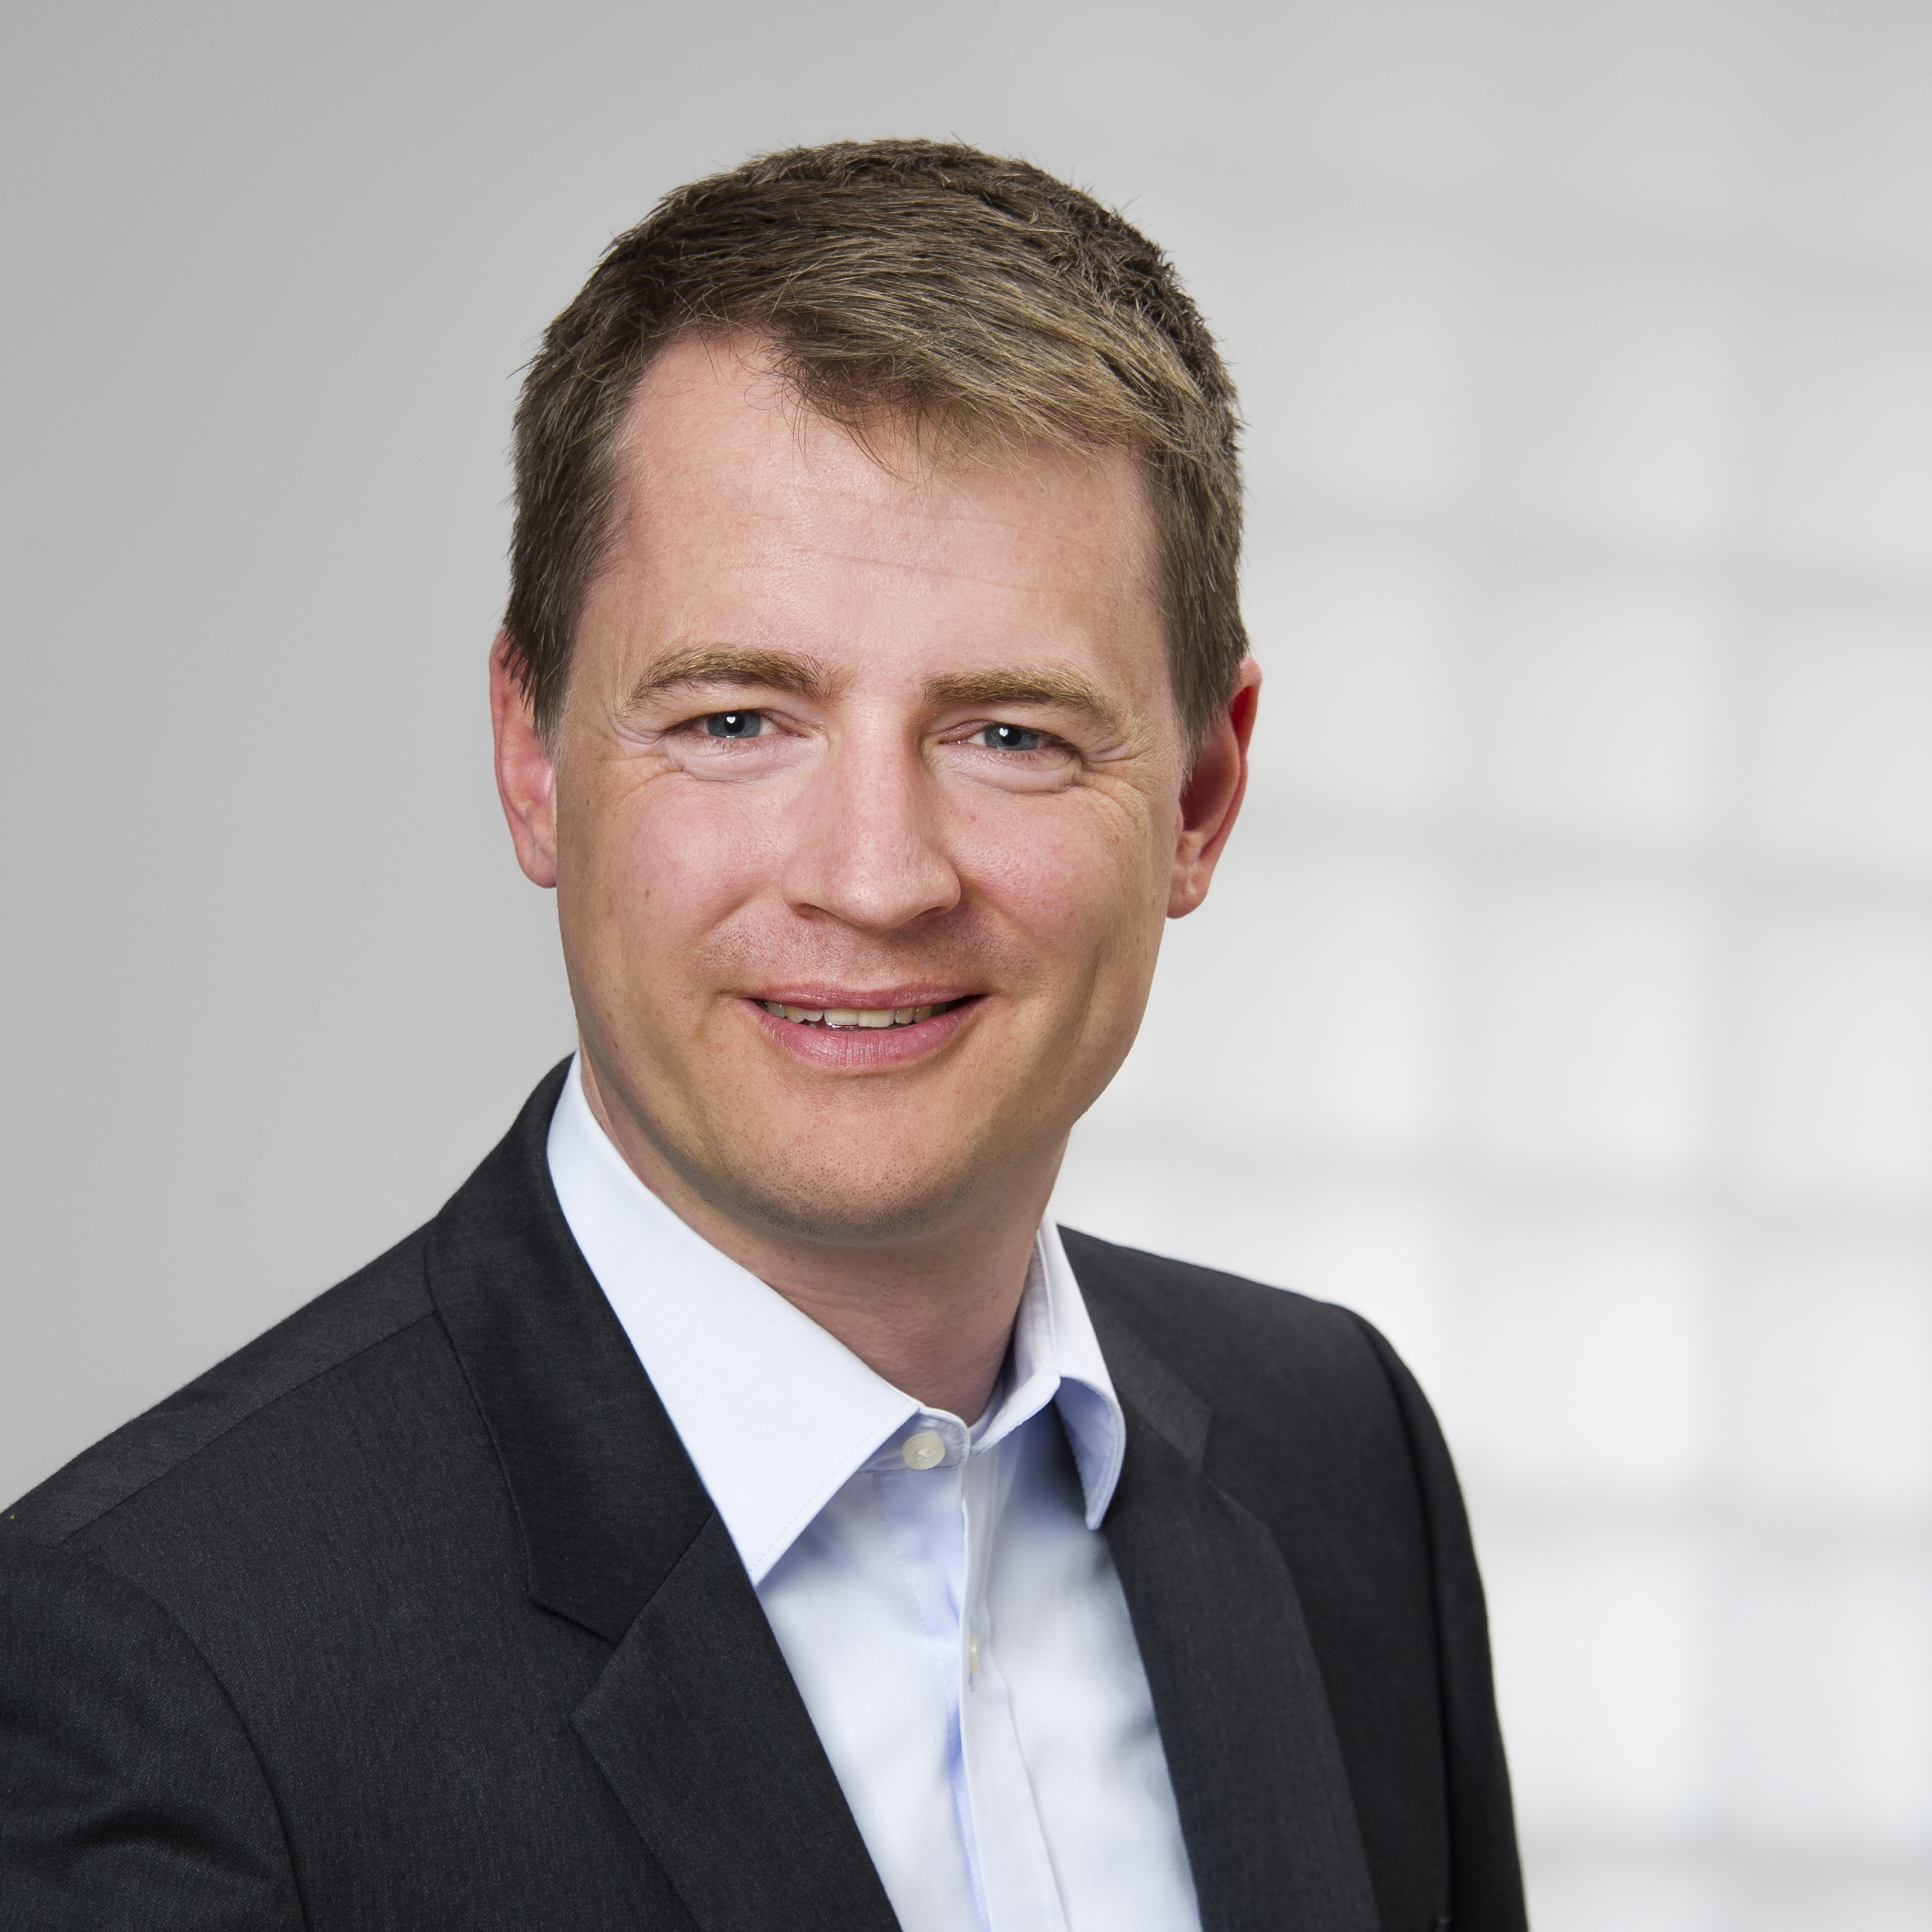 Führungswechsel im Human Resources Team bei DIAGEO: Peter Henning wird neuer HR Director Germany, Austria & Switzerland